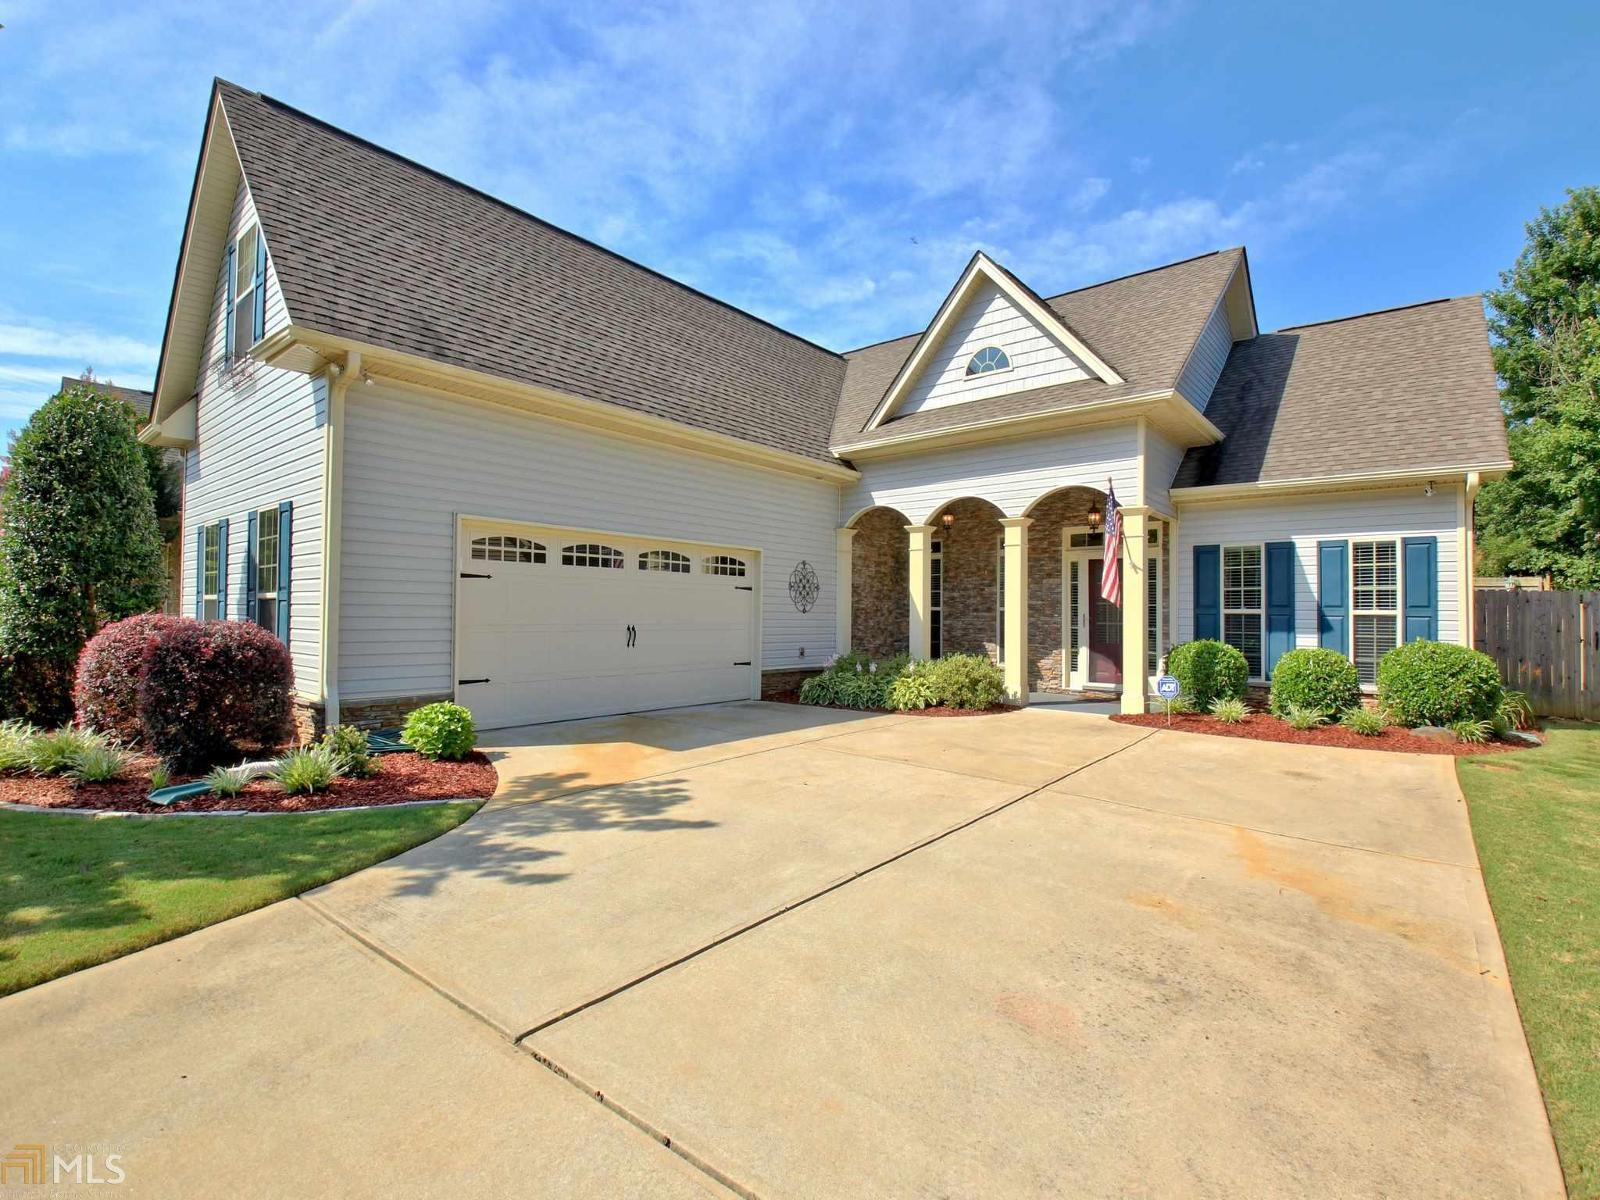 201 fairway dr newnan ga mls 8213343 better homes for Home builders in newnan ga